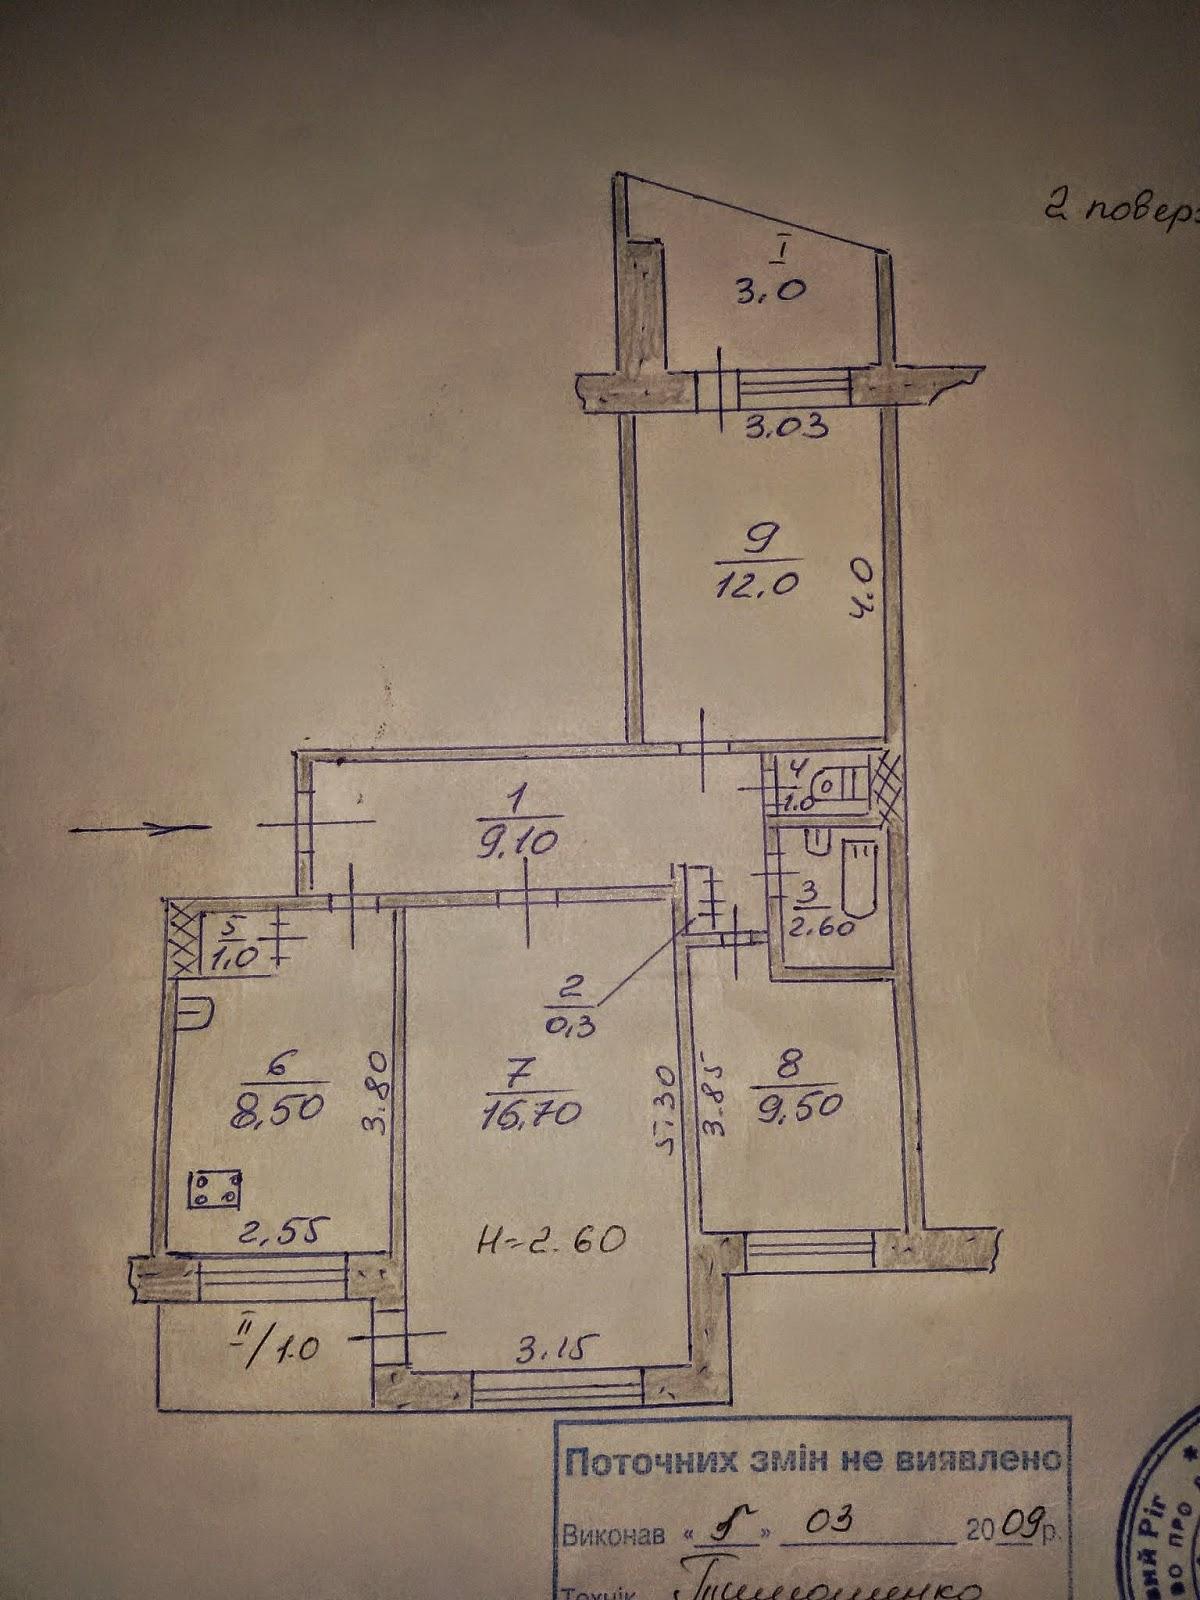 Продается 3-х комнатная квартира на Вечернем бульваре 2/9 этажного дома возле рынка